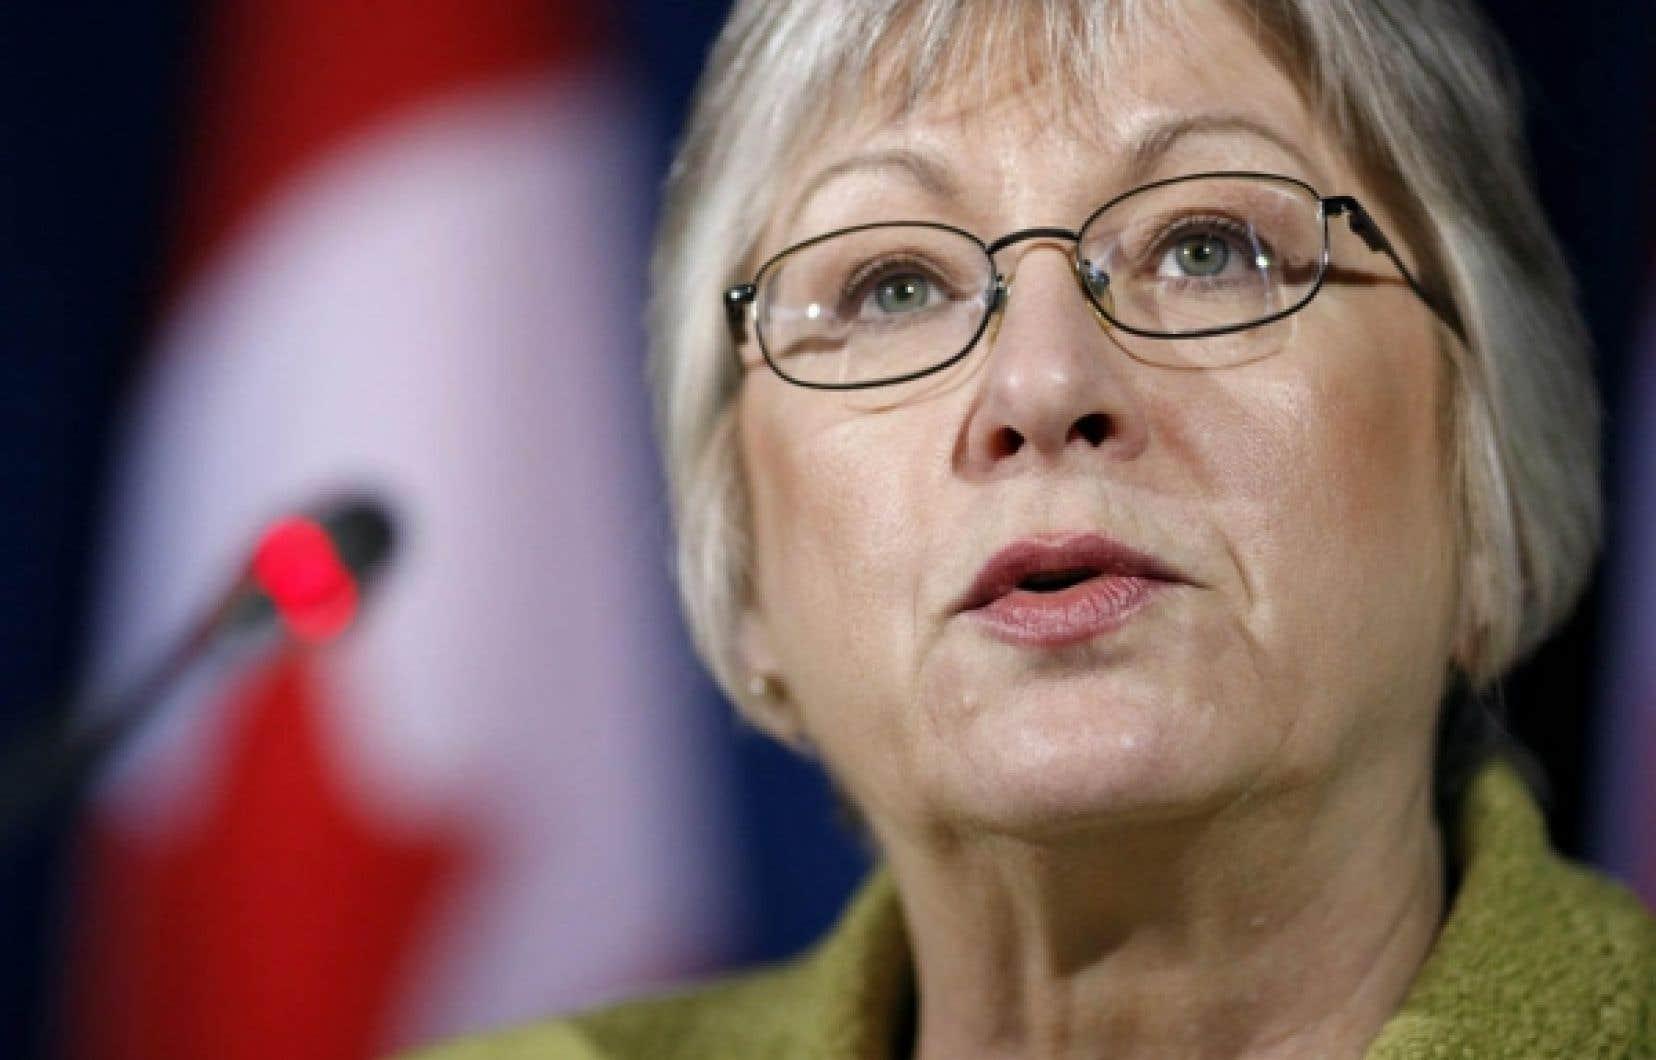 Les conservateurs, les libéraux et les néodémocrates n'ont pas voulu que la vérificatrice générale du Canada, Sheila Fraser, scrute leurs dépenses, soutenant qu'en tant que parlementaires, ils n'avaient de comptes à rendre qu'aux électeurs, pas à une fonctionnaire.